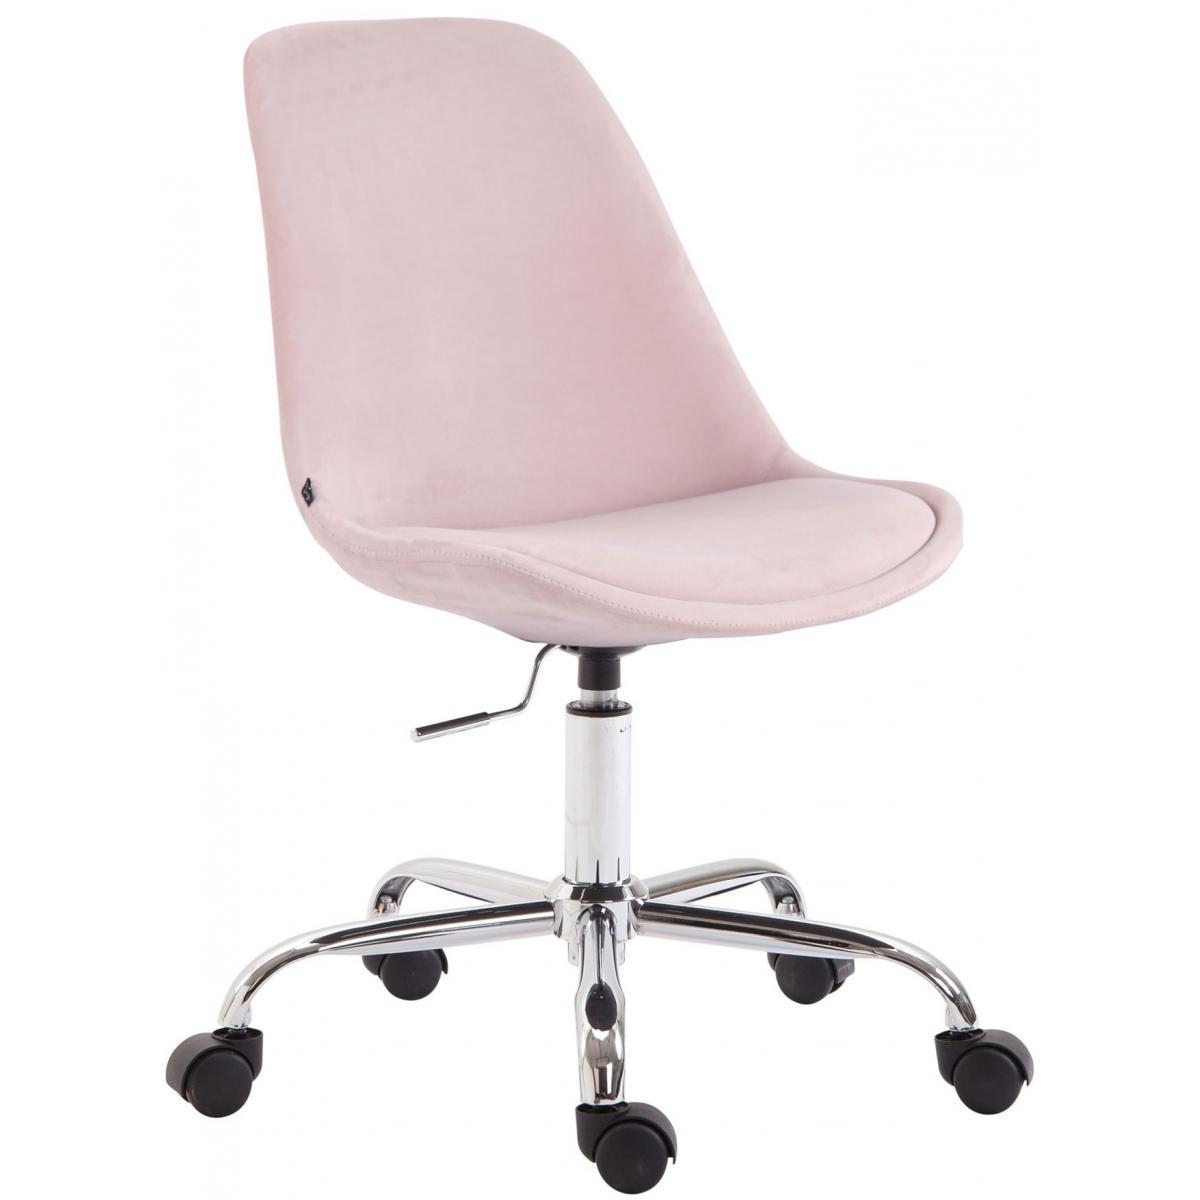 Decoshop26 Chaise de bureau sur roulettes en tissu velours rose BUR10353